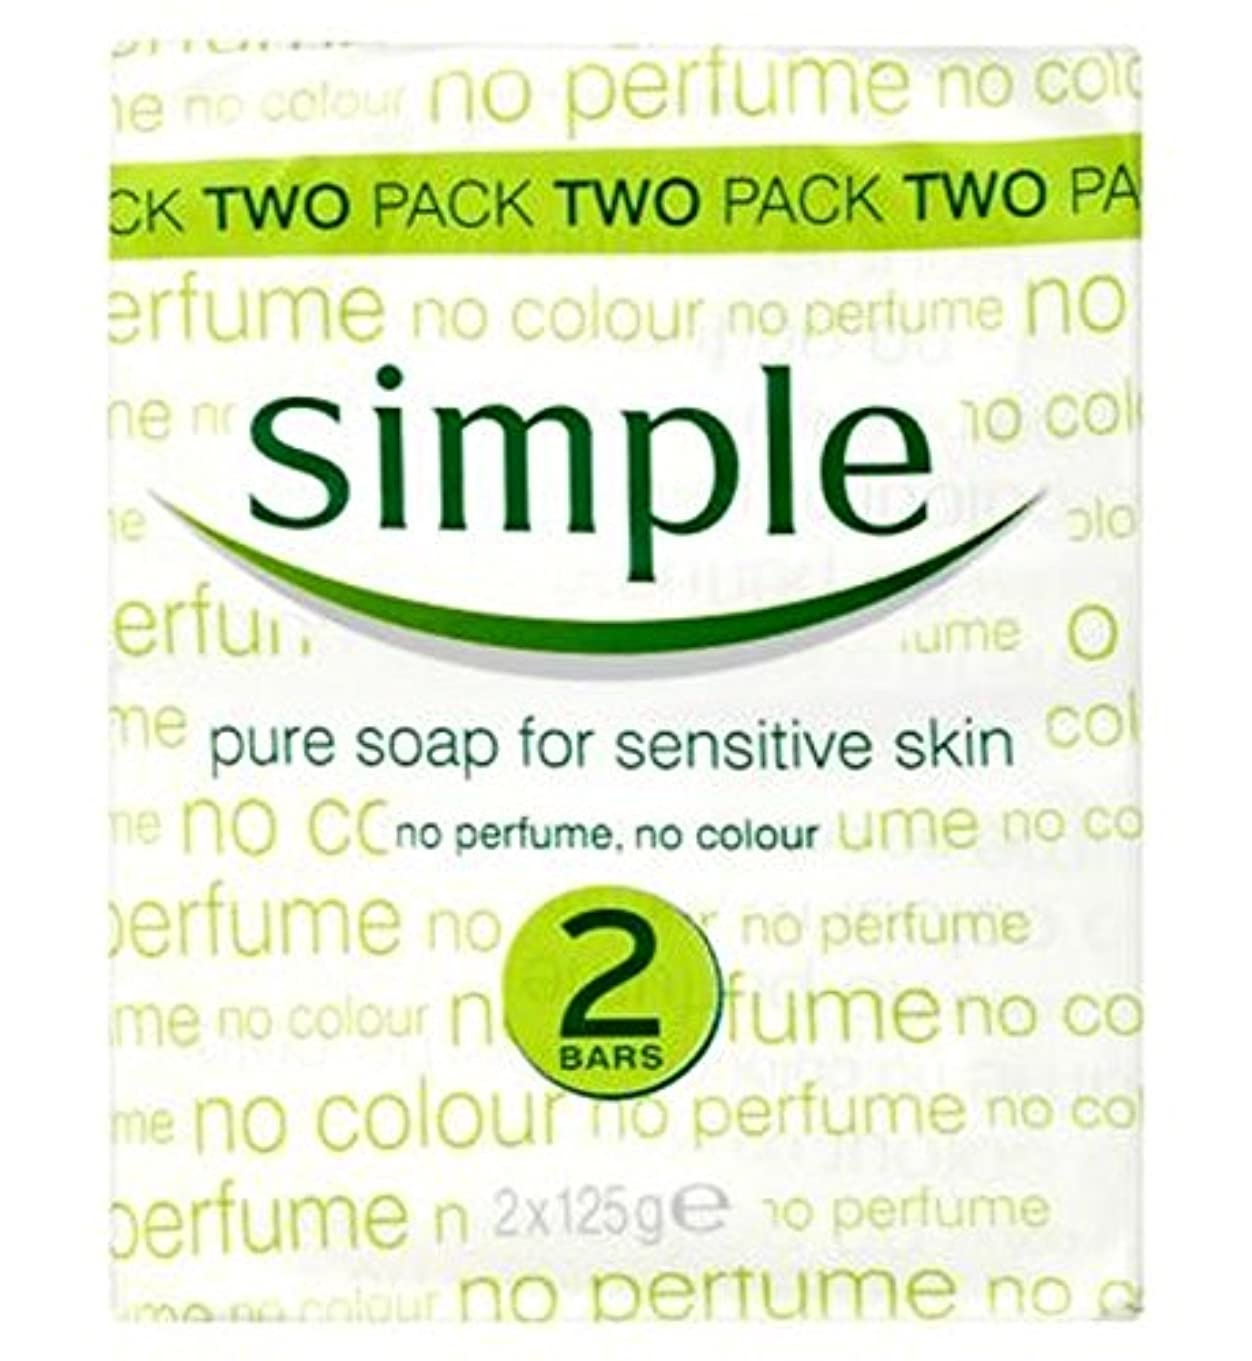 地域の流産バレエSimple Pure Soap Bar for Sensitive Skin 2 x 125g - 敏感肌2のX 125グラムのためのシンプルな、純粋な石鹸バー (Simple) [並行輸入品]